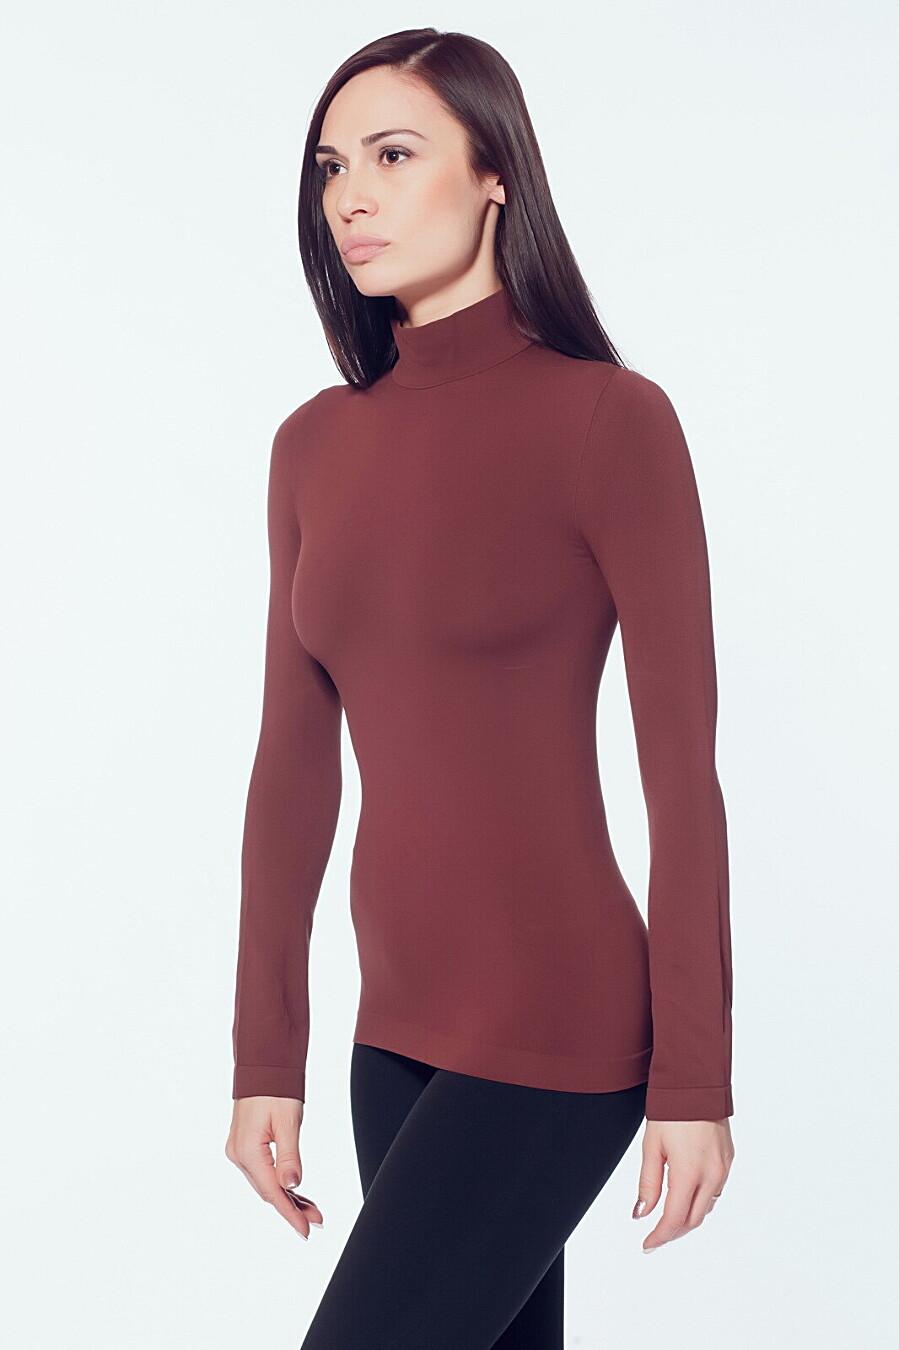 Водолазка для женщин GIULIA 146609 купить оптом от производителя. Совместная покупка женской одежды в OptMoyo